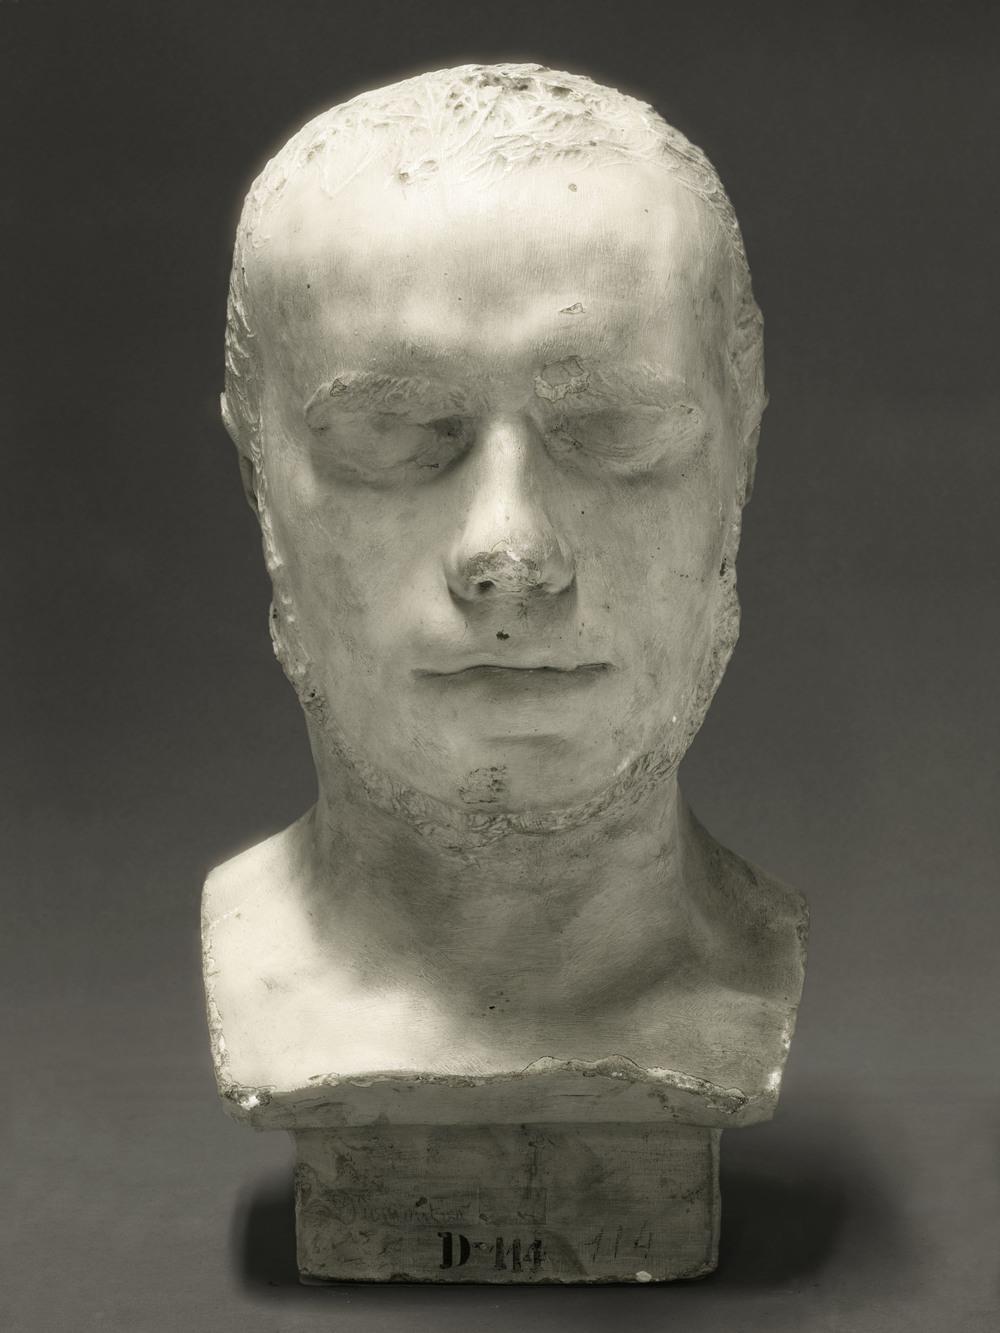 Portrait of a life cast of Pierre-Marie Alexandre Dumoutier 2010